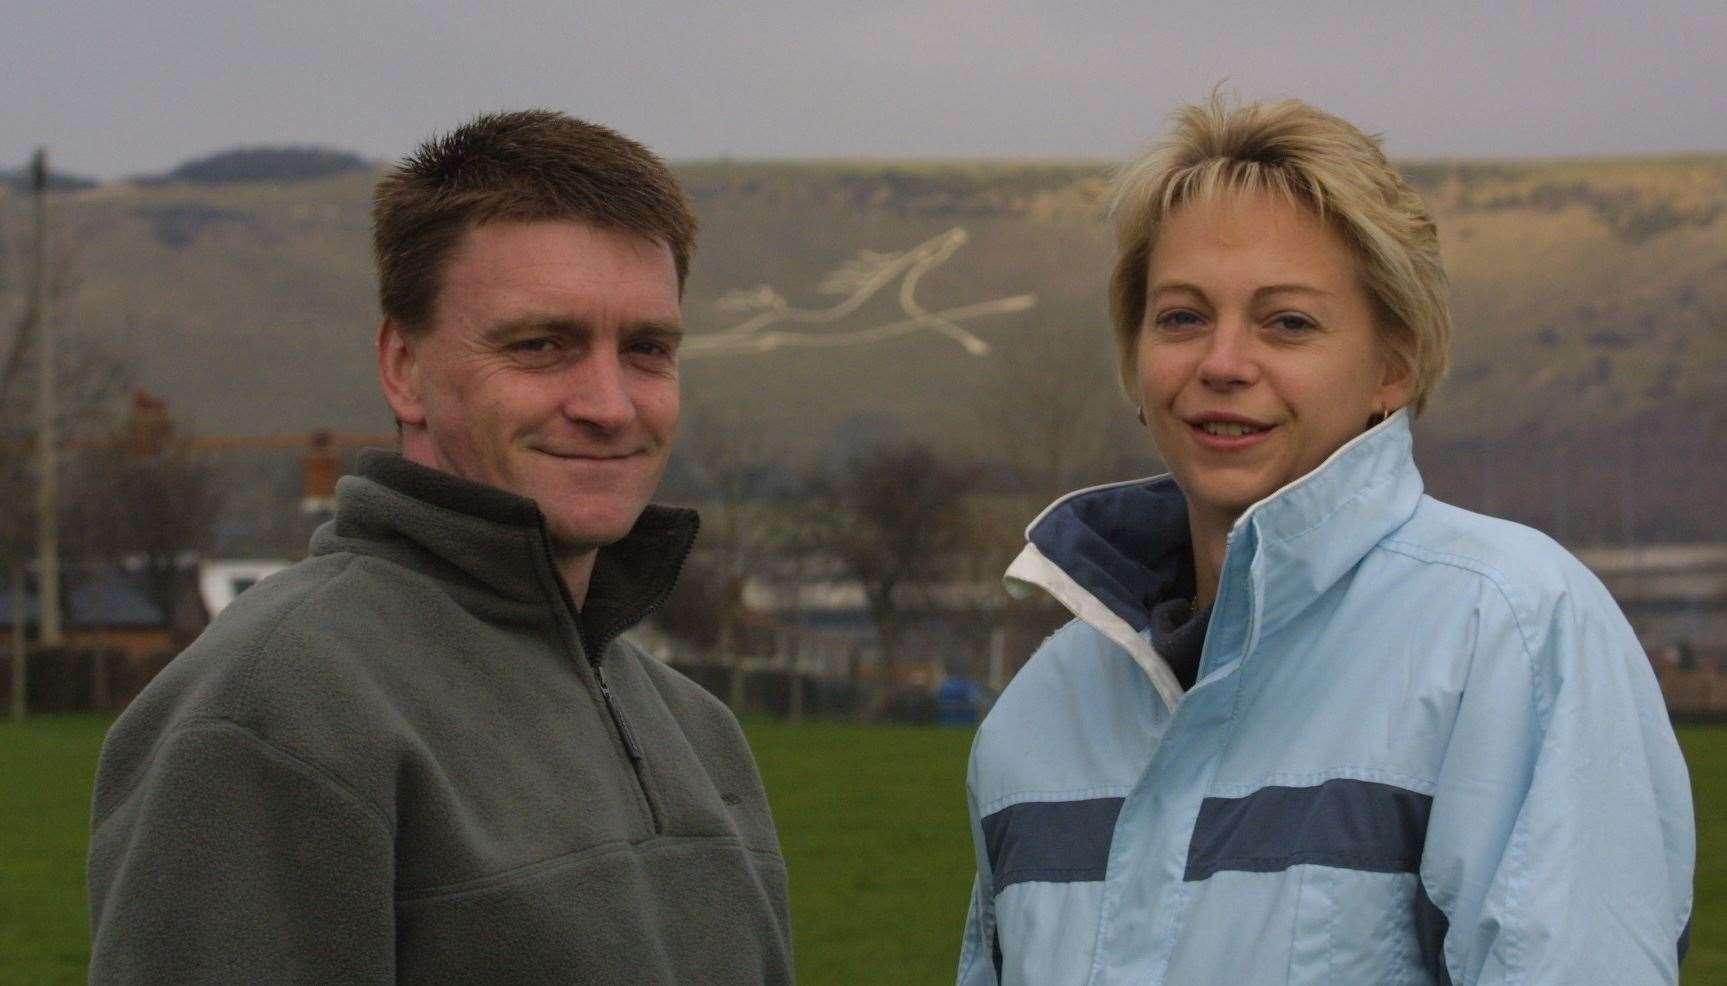 Patrick Clarke le pidió a su novia Alison Kirby que se casara con él en grandes letras blancas que creó en 2003. Foto: Barry Goodwin